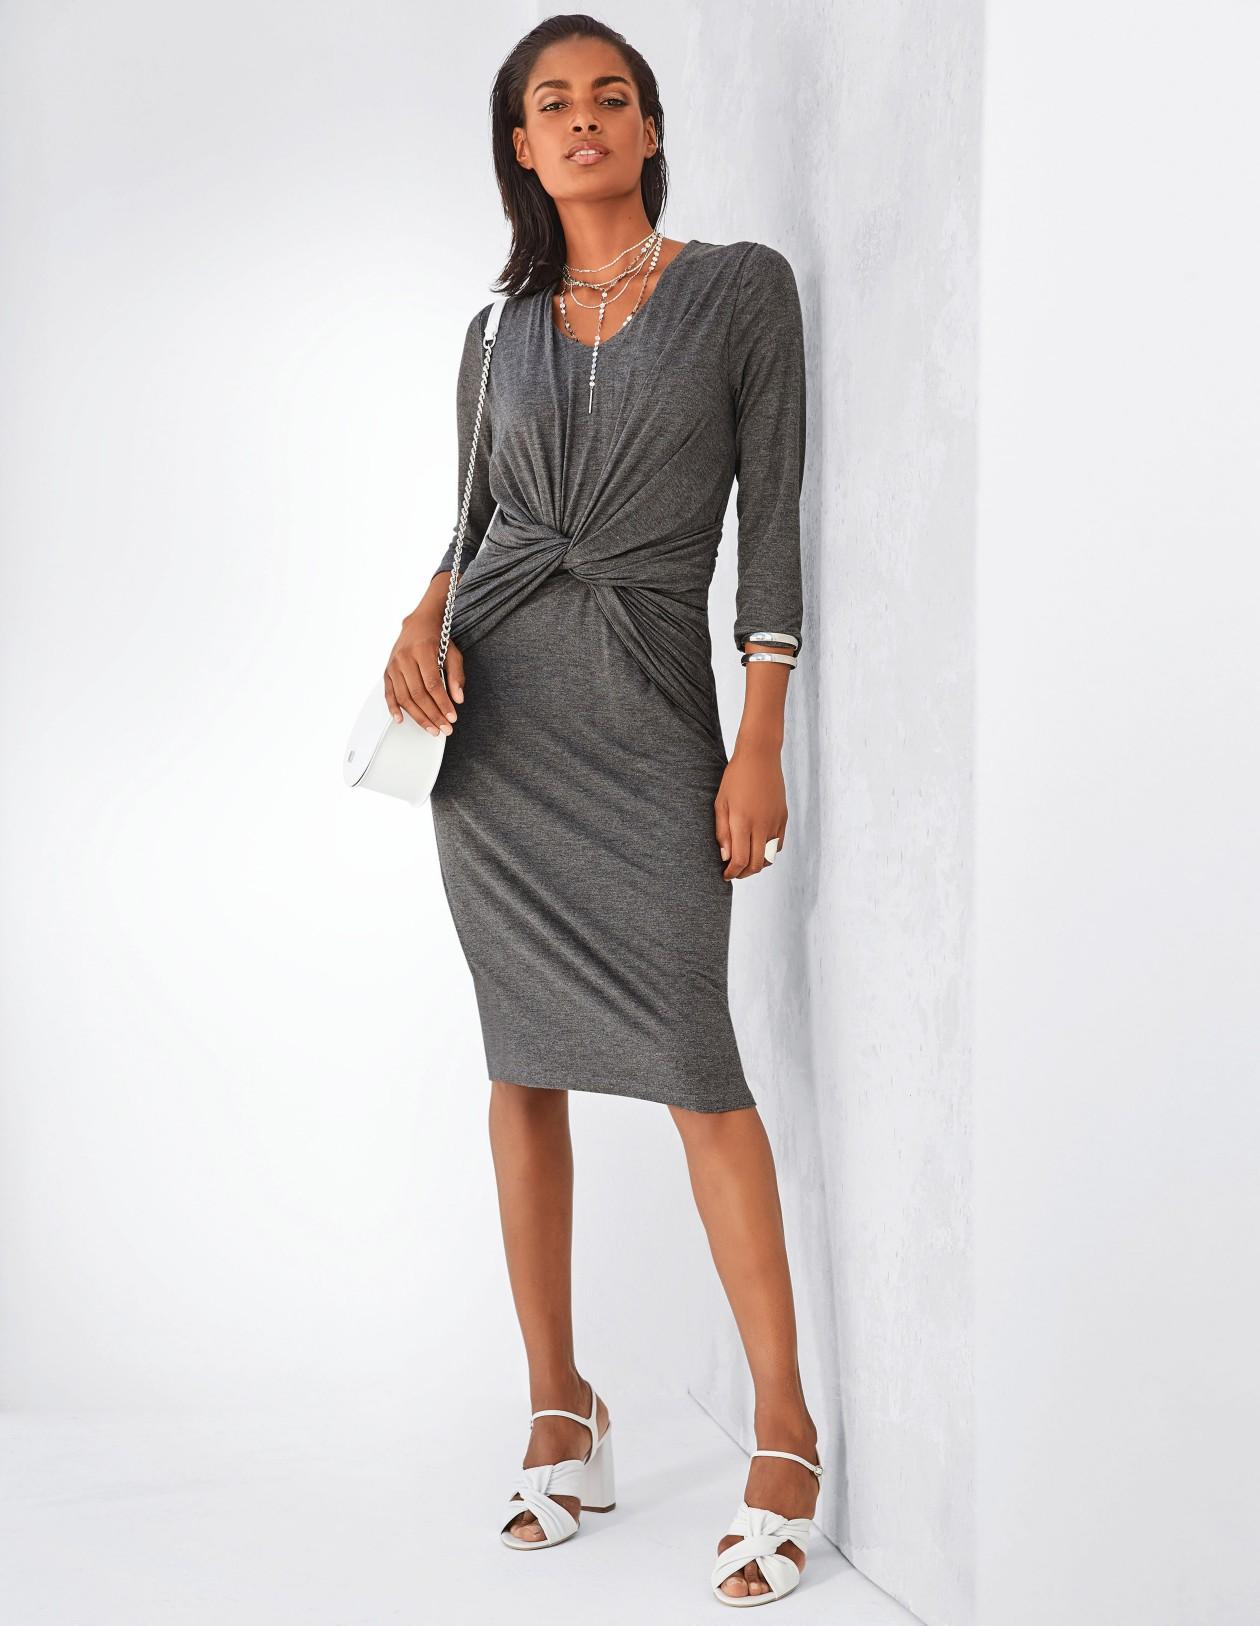 Stilvolle Etuikleider In Grosser Auswahl Madeleine Mode